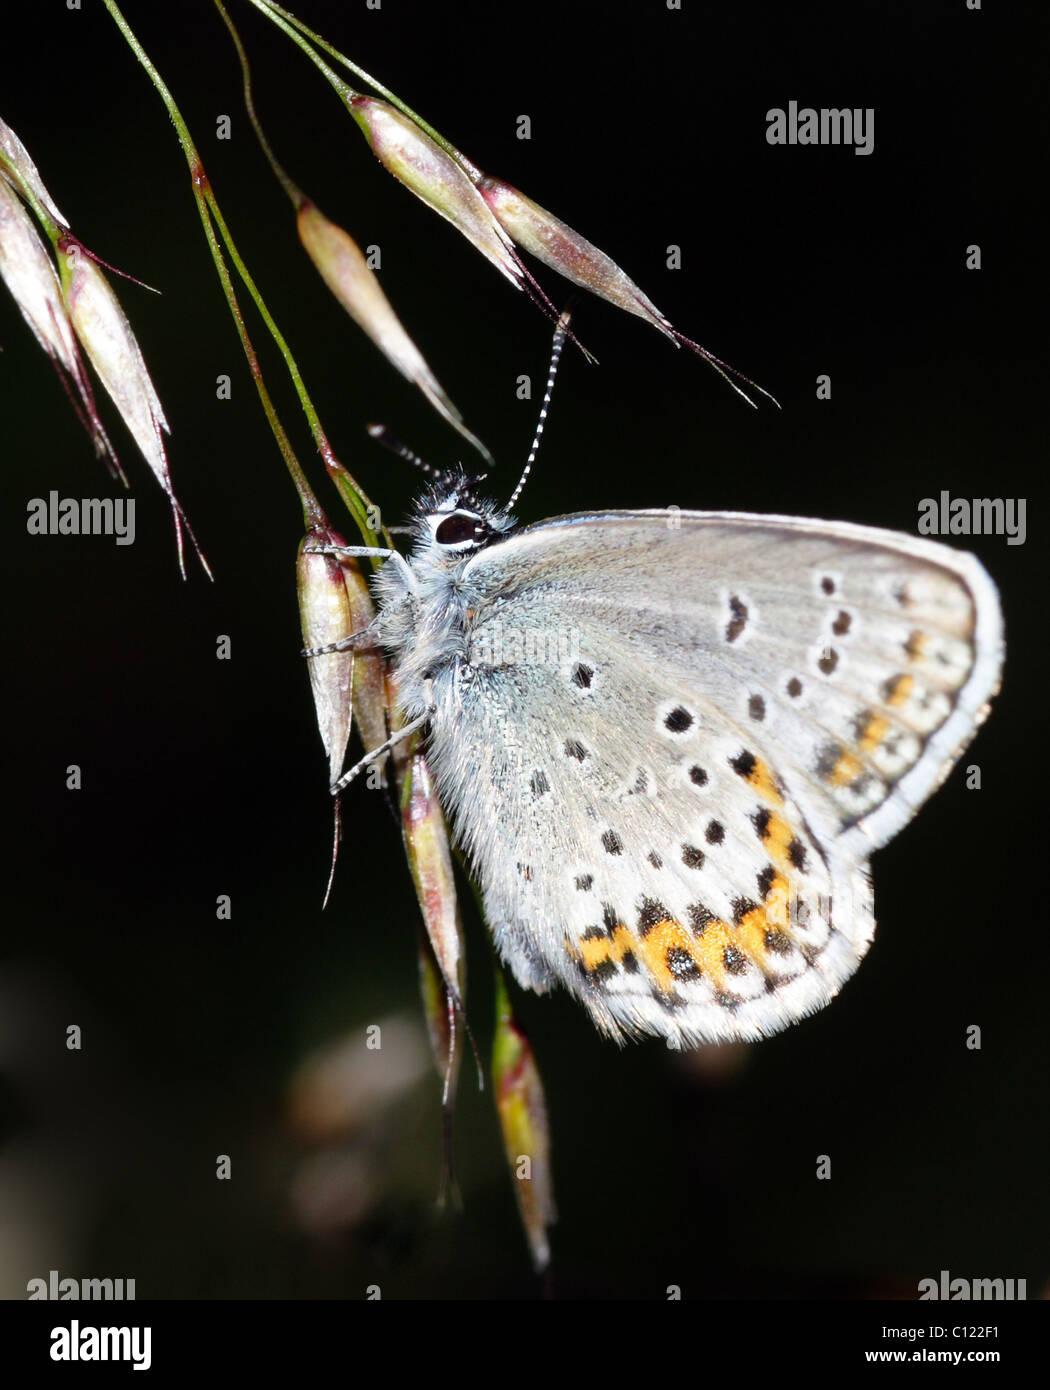 Schmetterling auf einen Strohhalm Stockfoto, Bild: 35081285 - Alamy